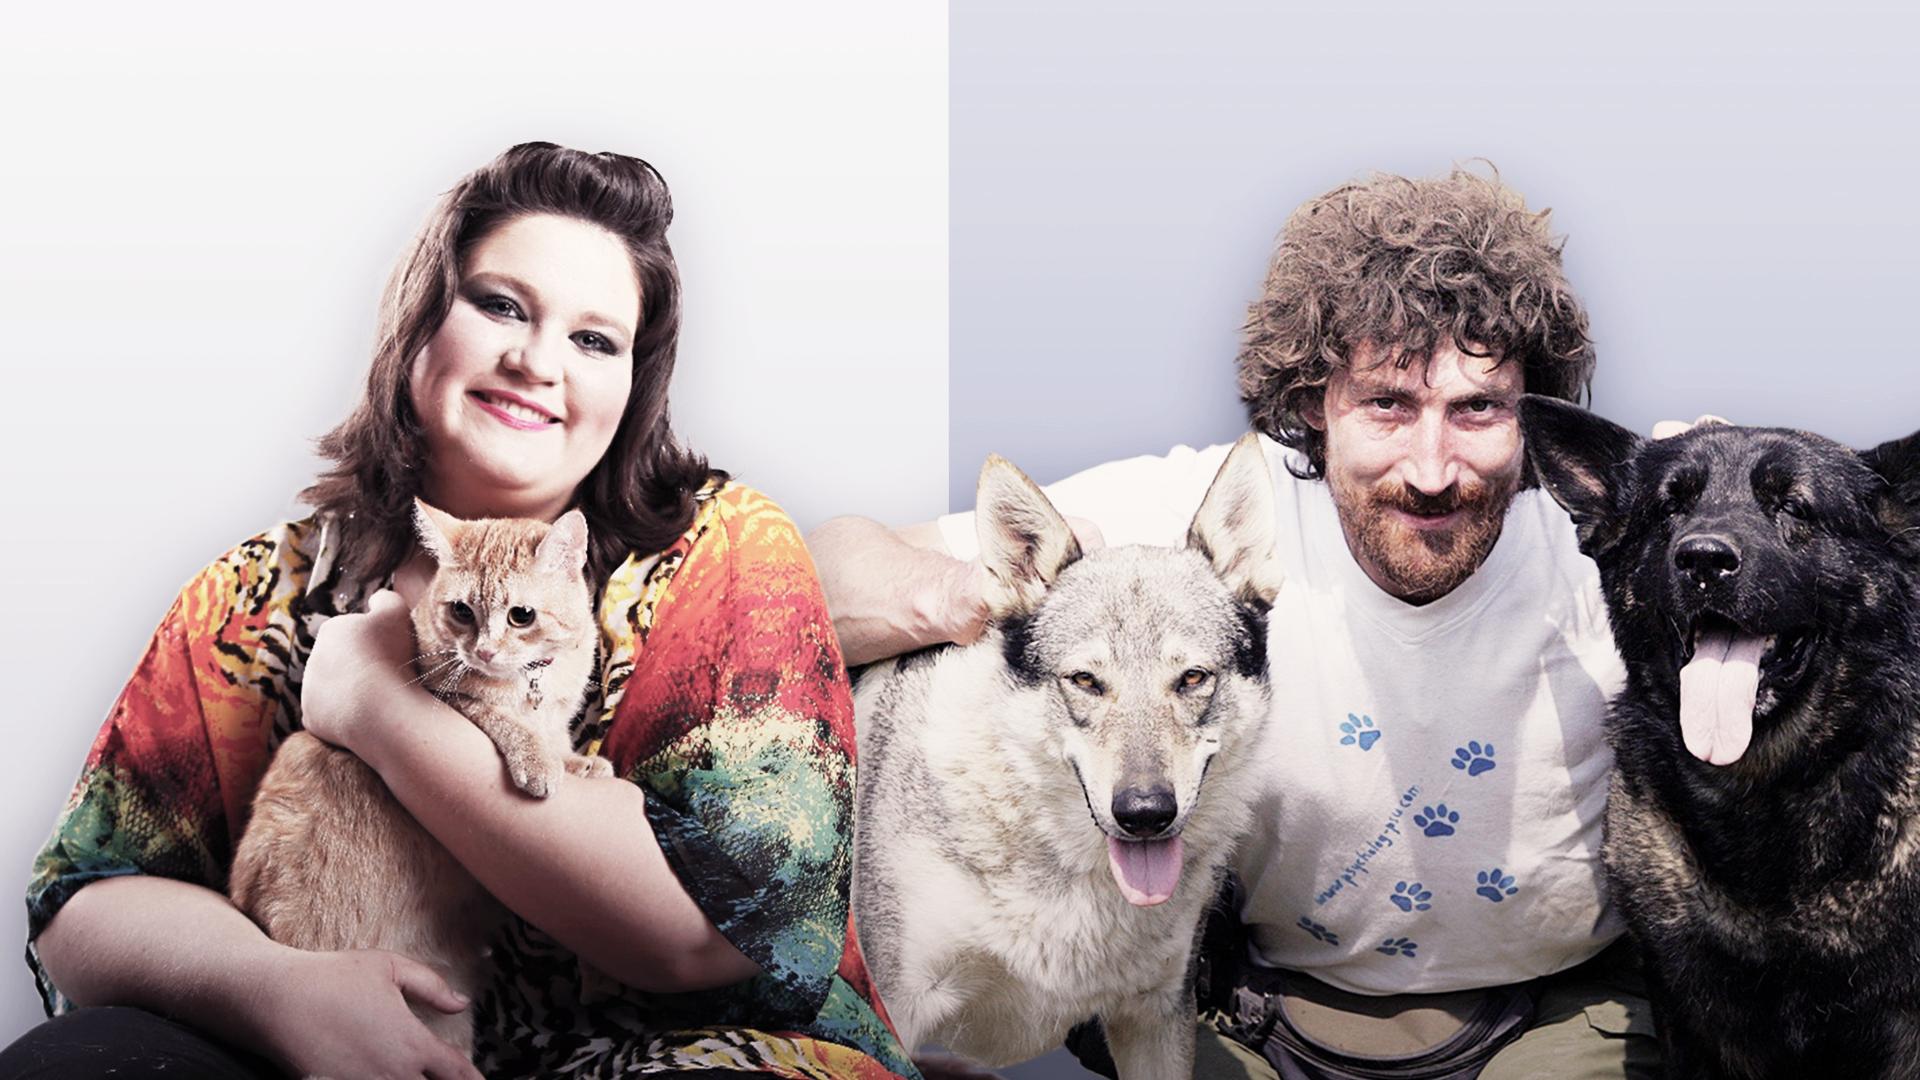 Dnes večer v TV Seznam: Co vám odpustí pes, nikoli kočka? A povídání o Formanovi